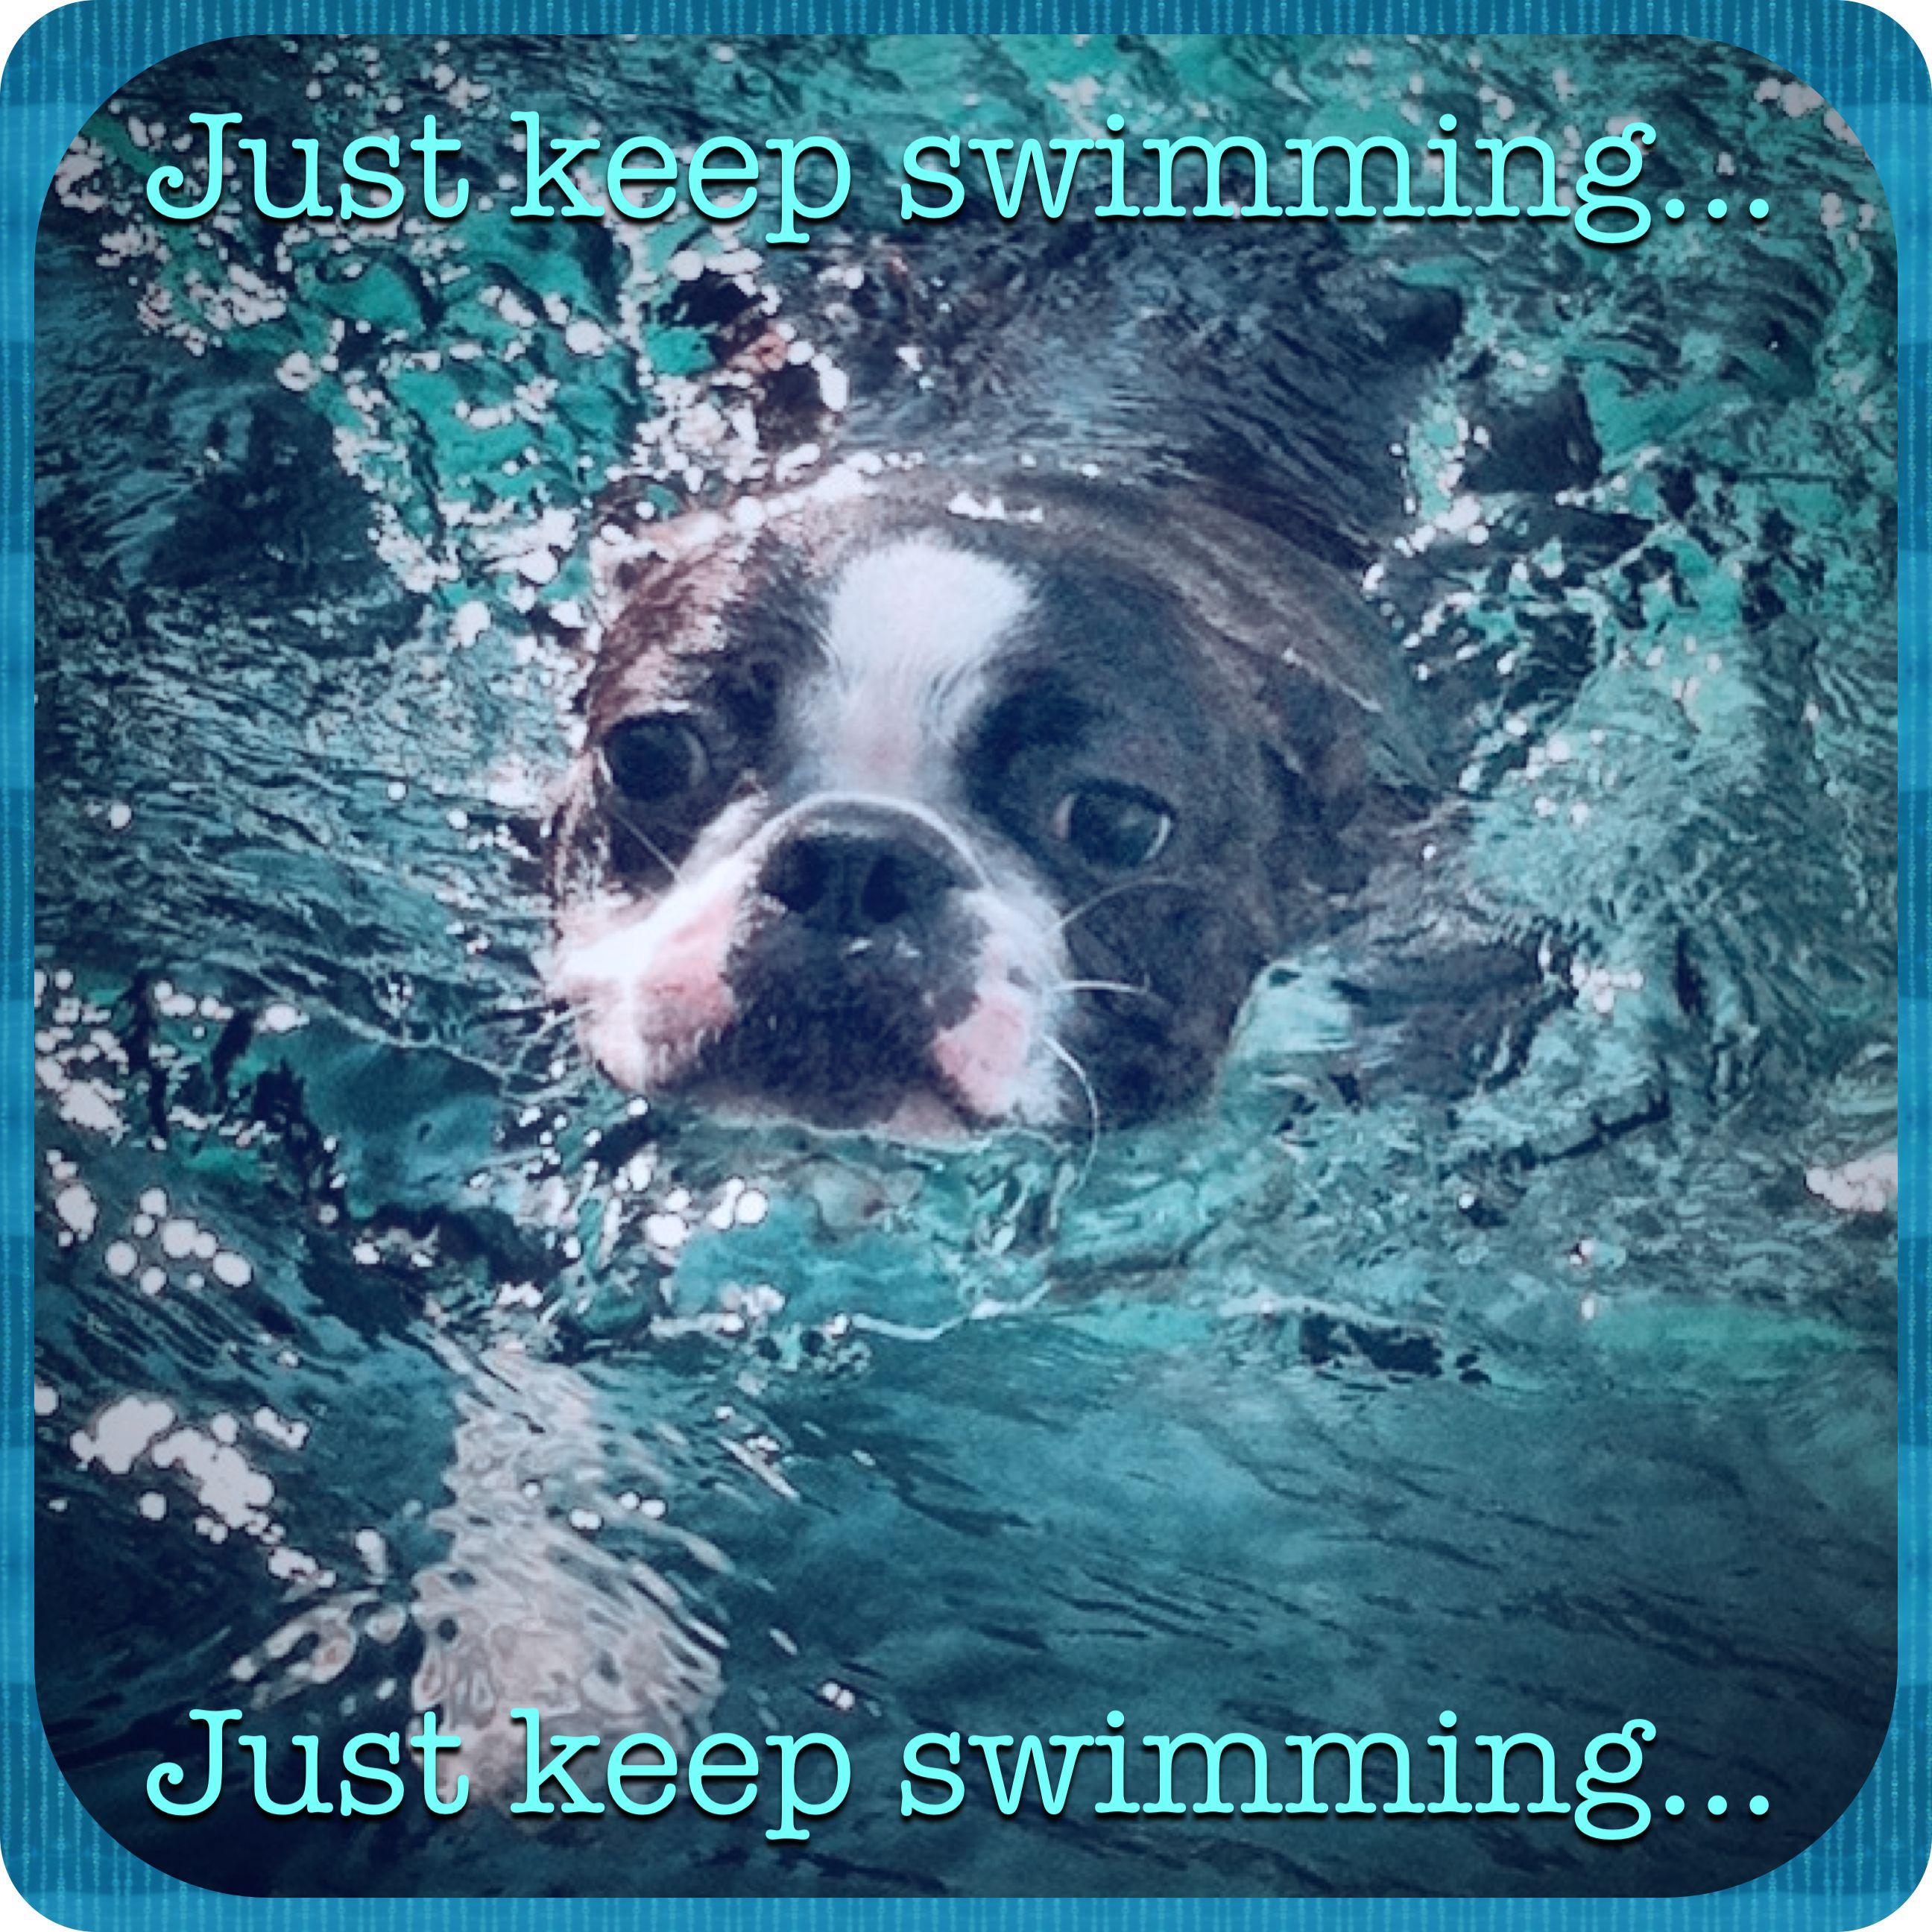 Boston Terrier Swimming Meme